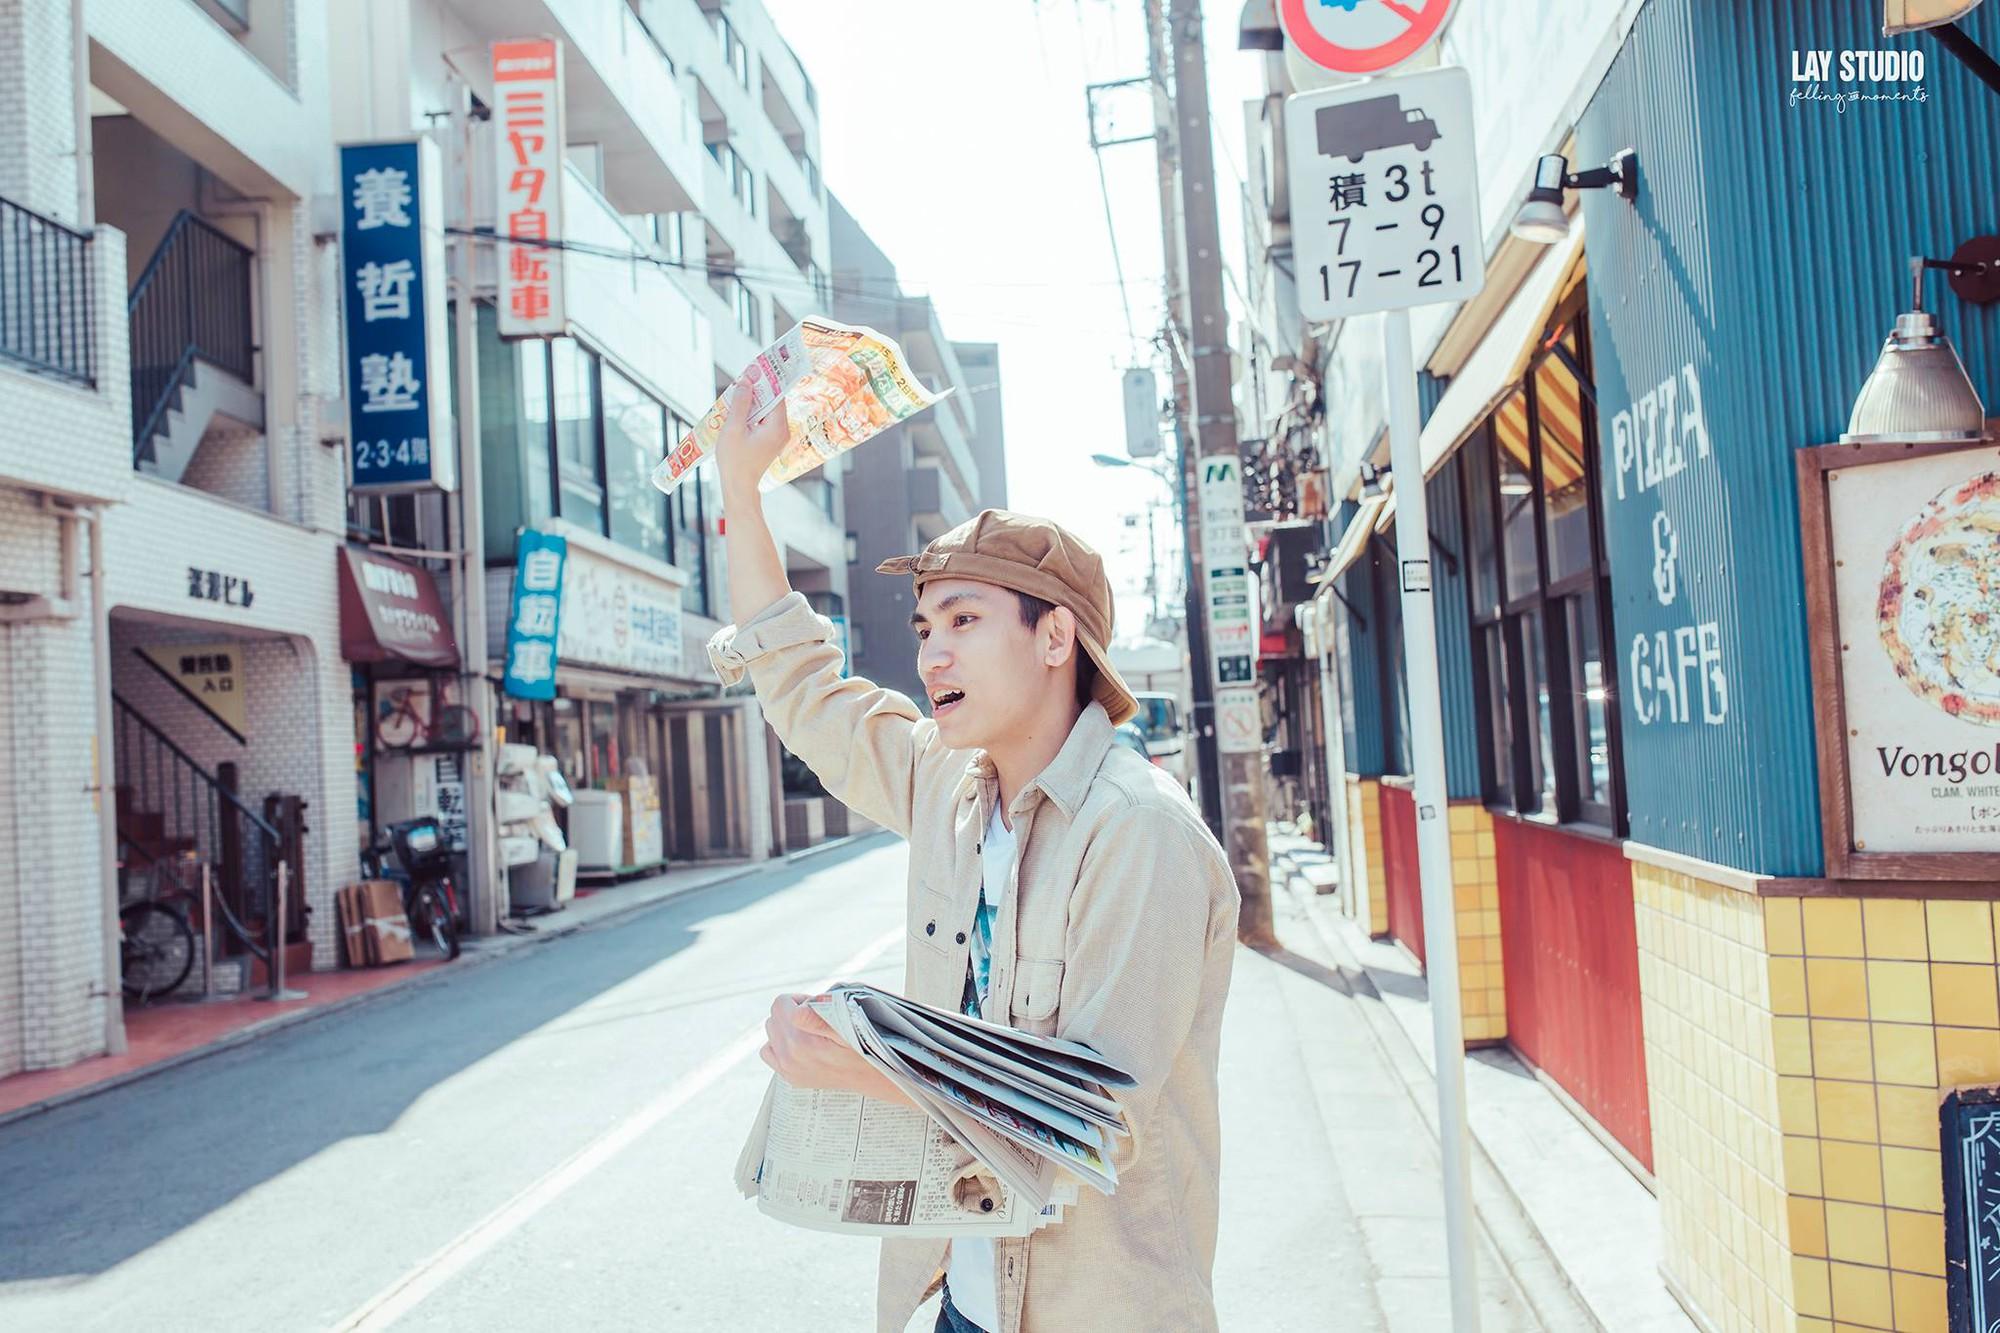 Giữa Tokyo hào nhoáng, có một cặp đôi Việt chụp ảnh cưới với concept bán báo - bán bánh mì - Ảnh 1.